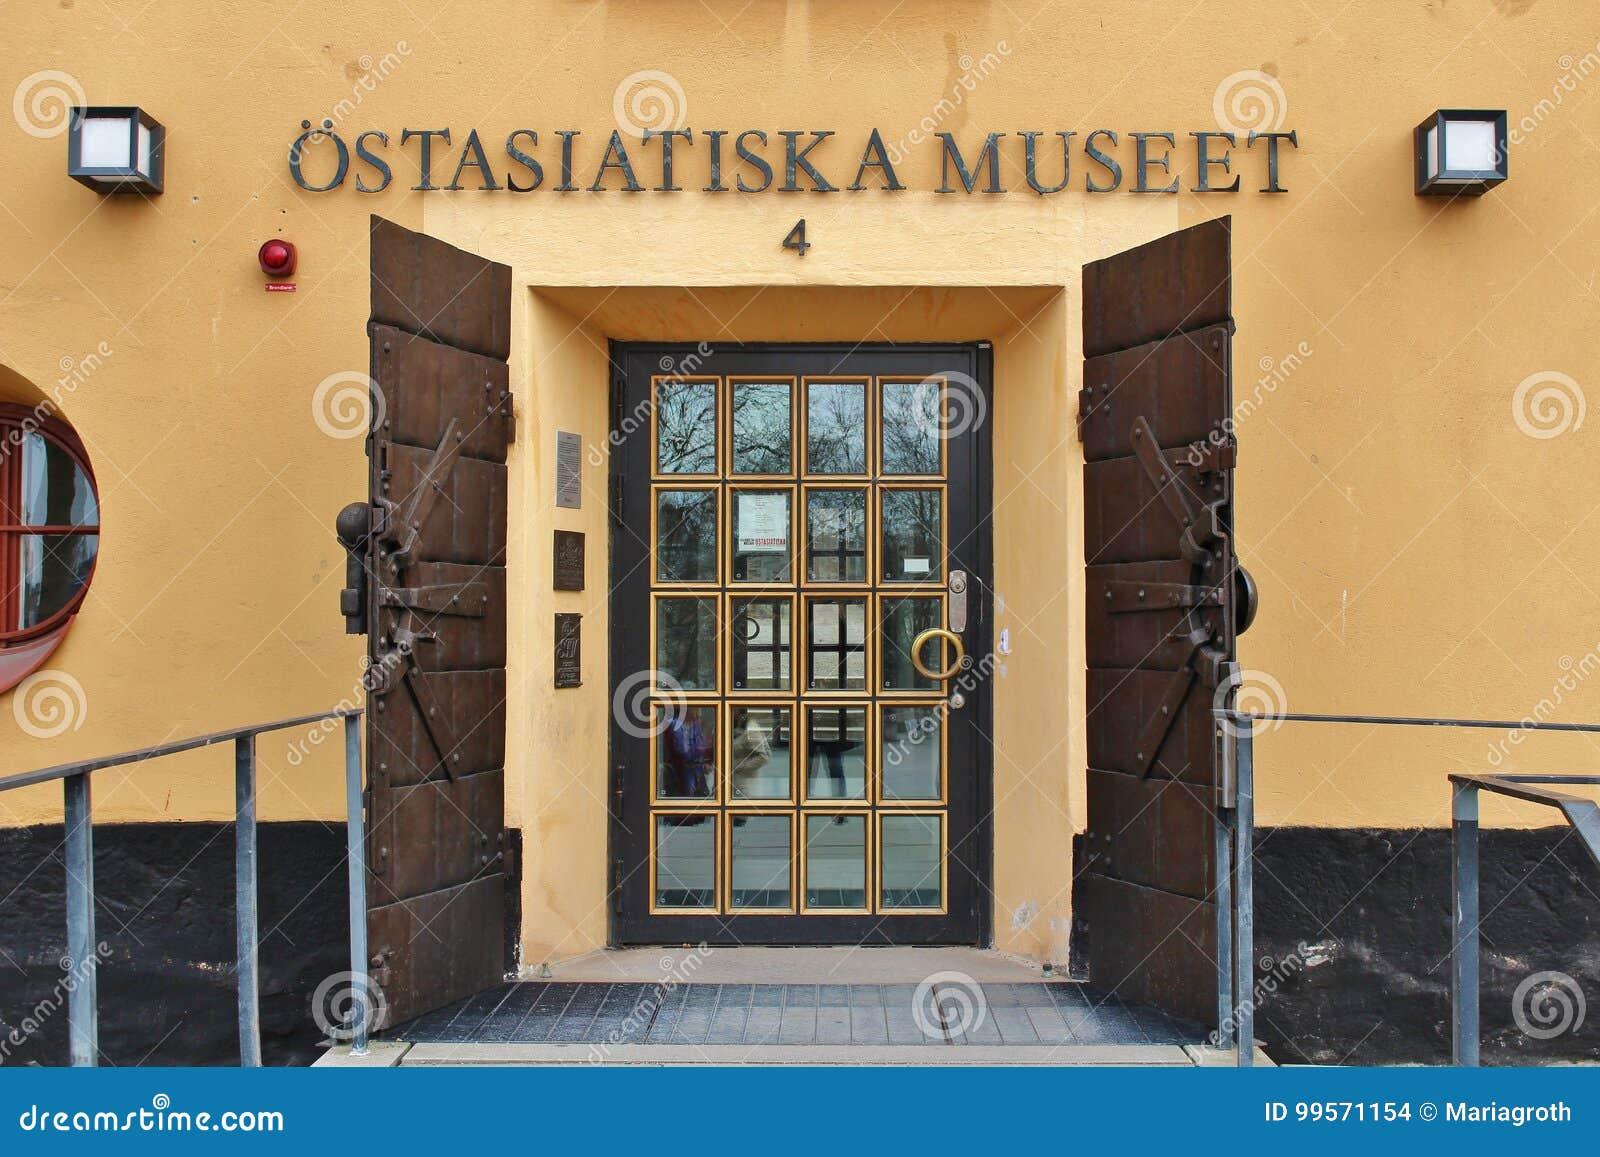 Ã-stasiatiska museet, Sztokholm